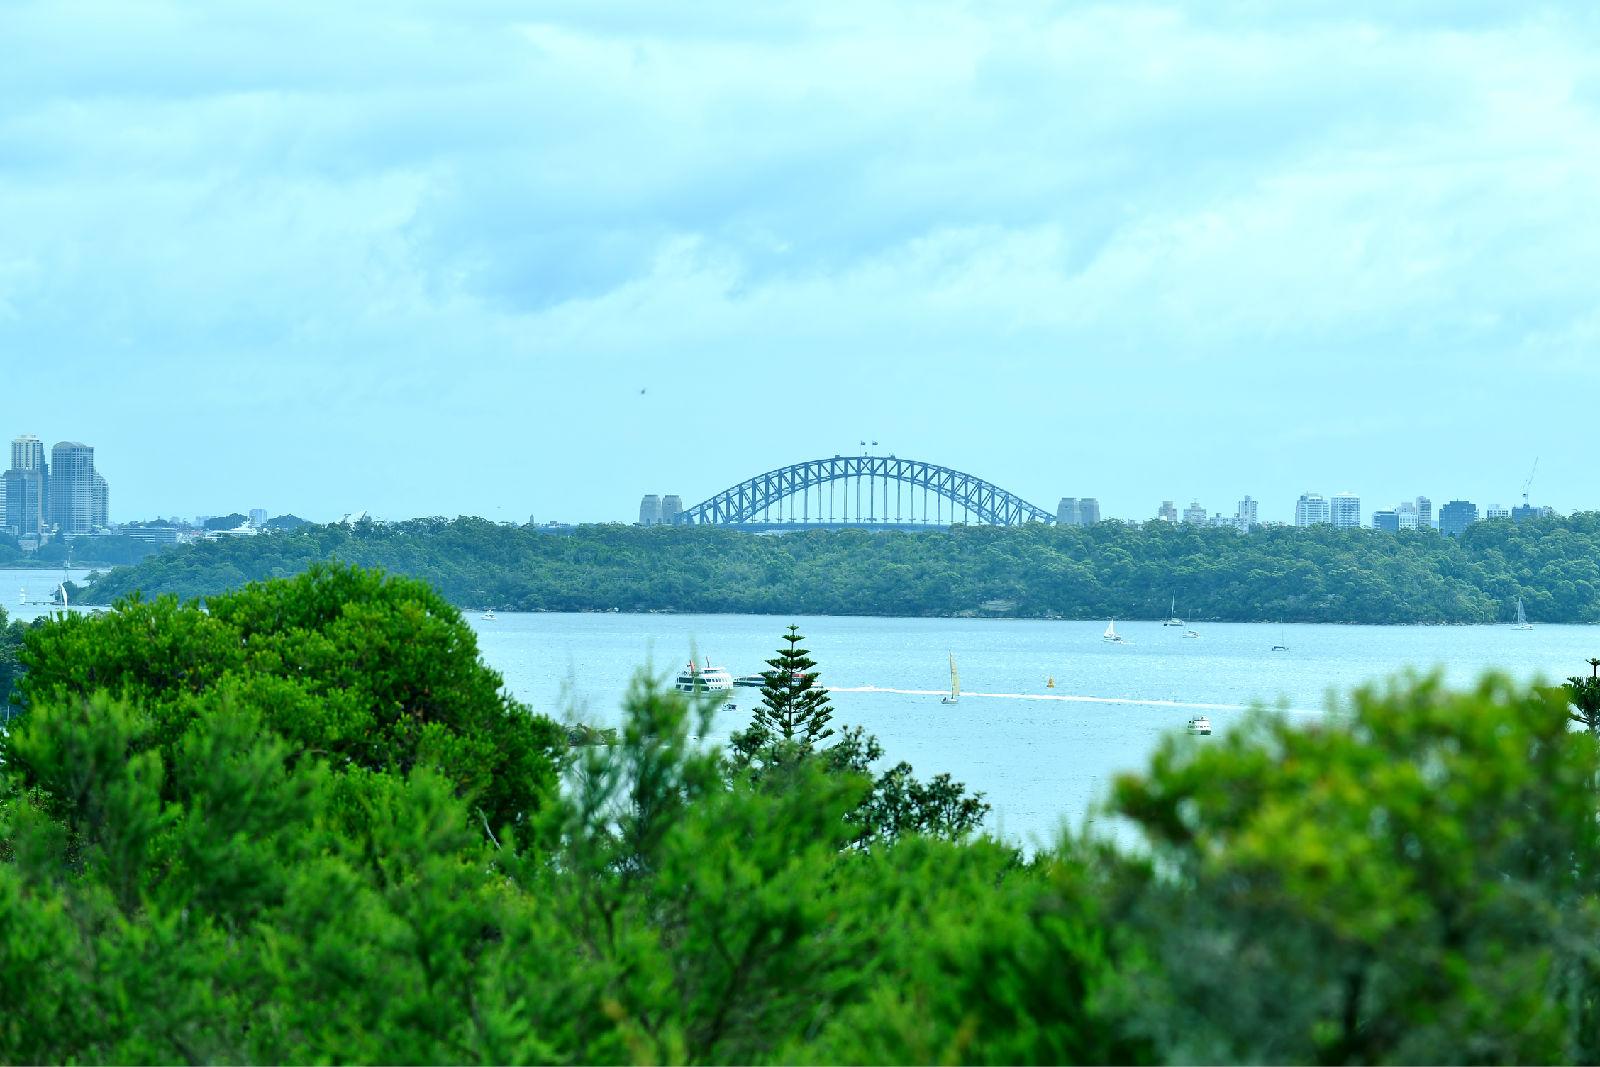 澳大利亚旅游攻略图片347